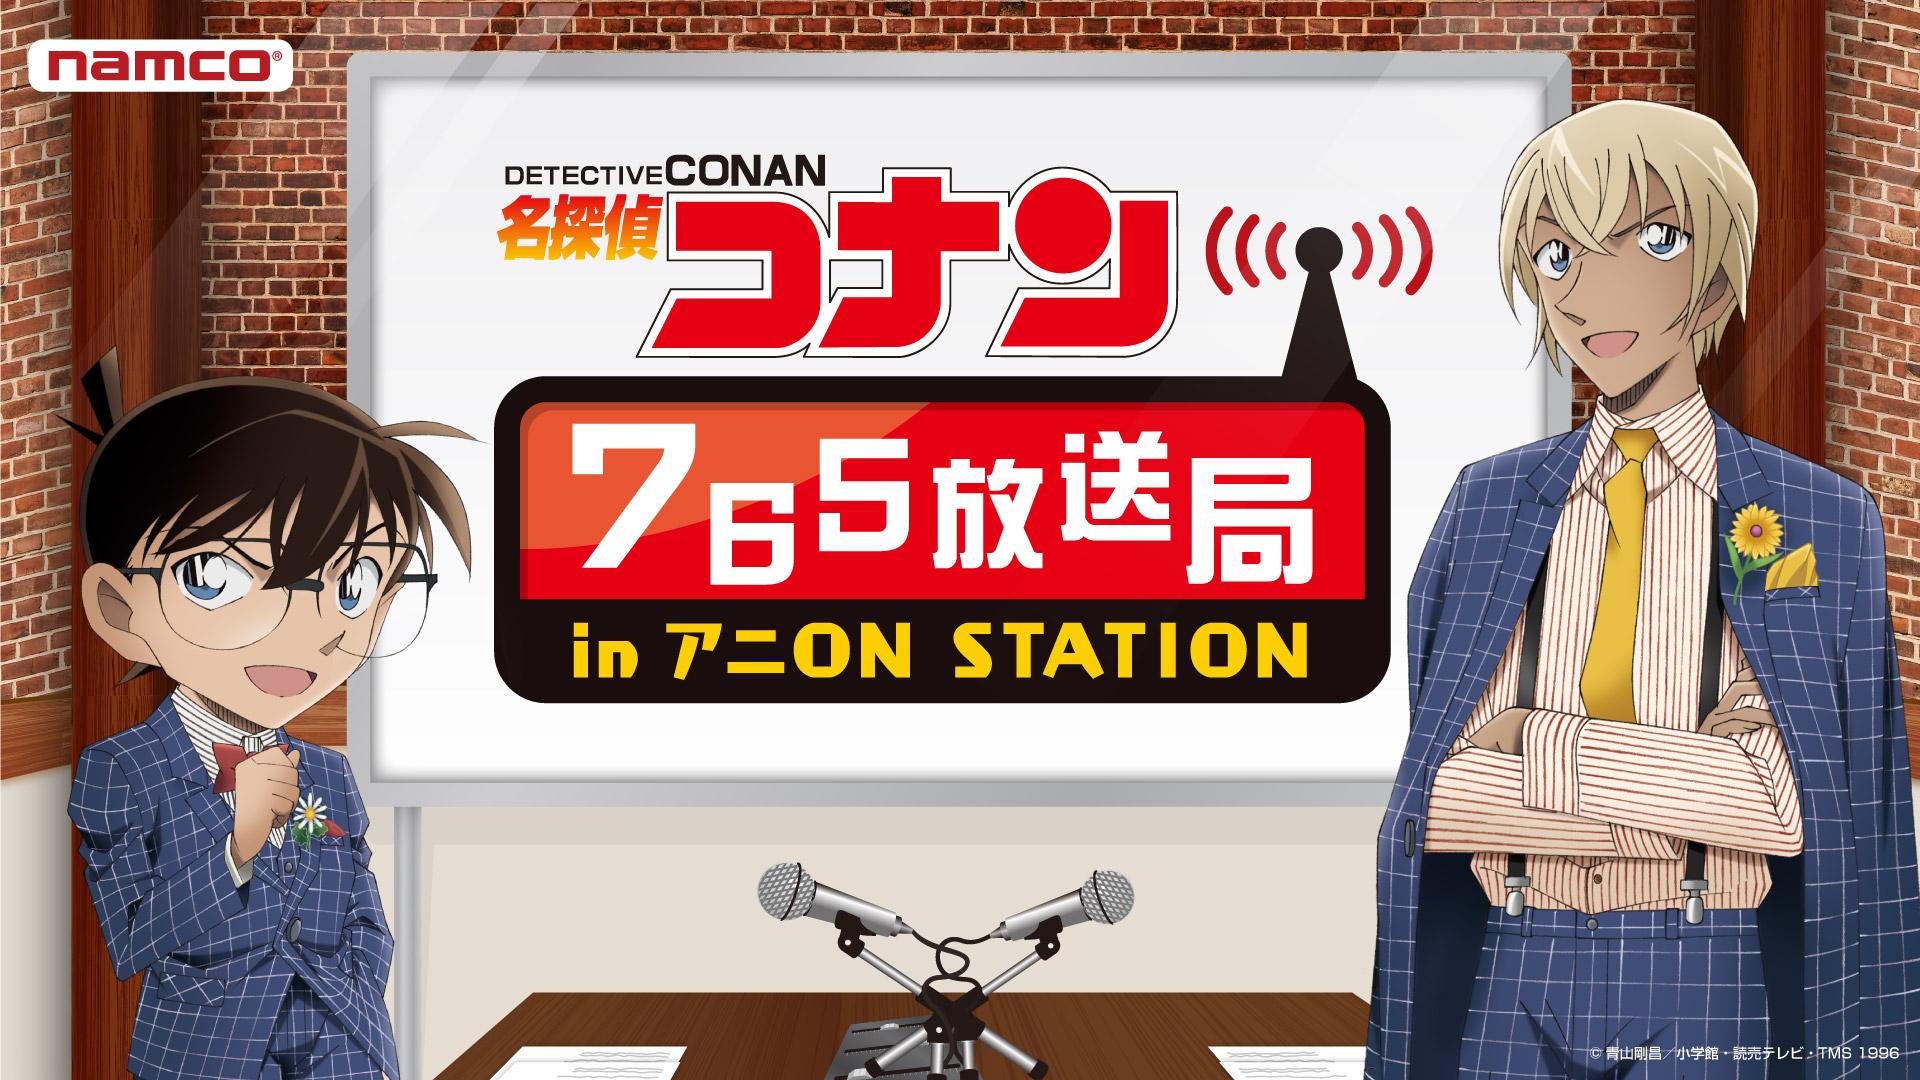 【なんばパークス店】名探偵コナン 765放送局 in アニON STATION